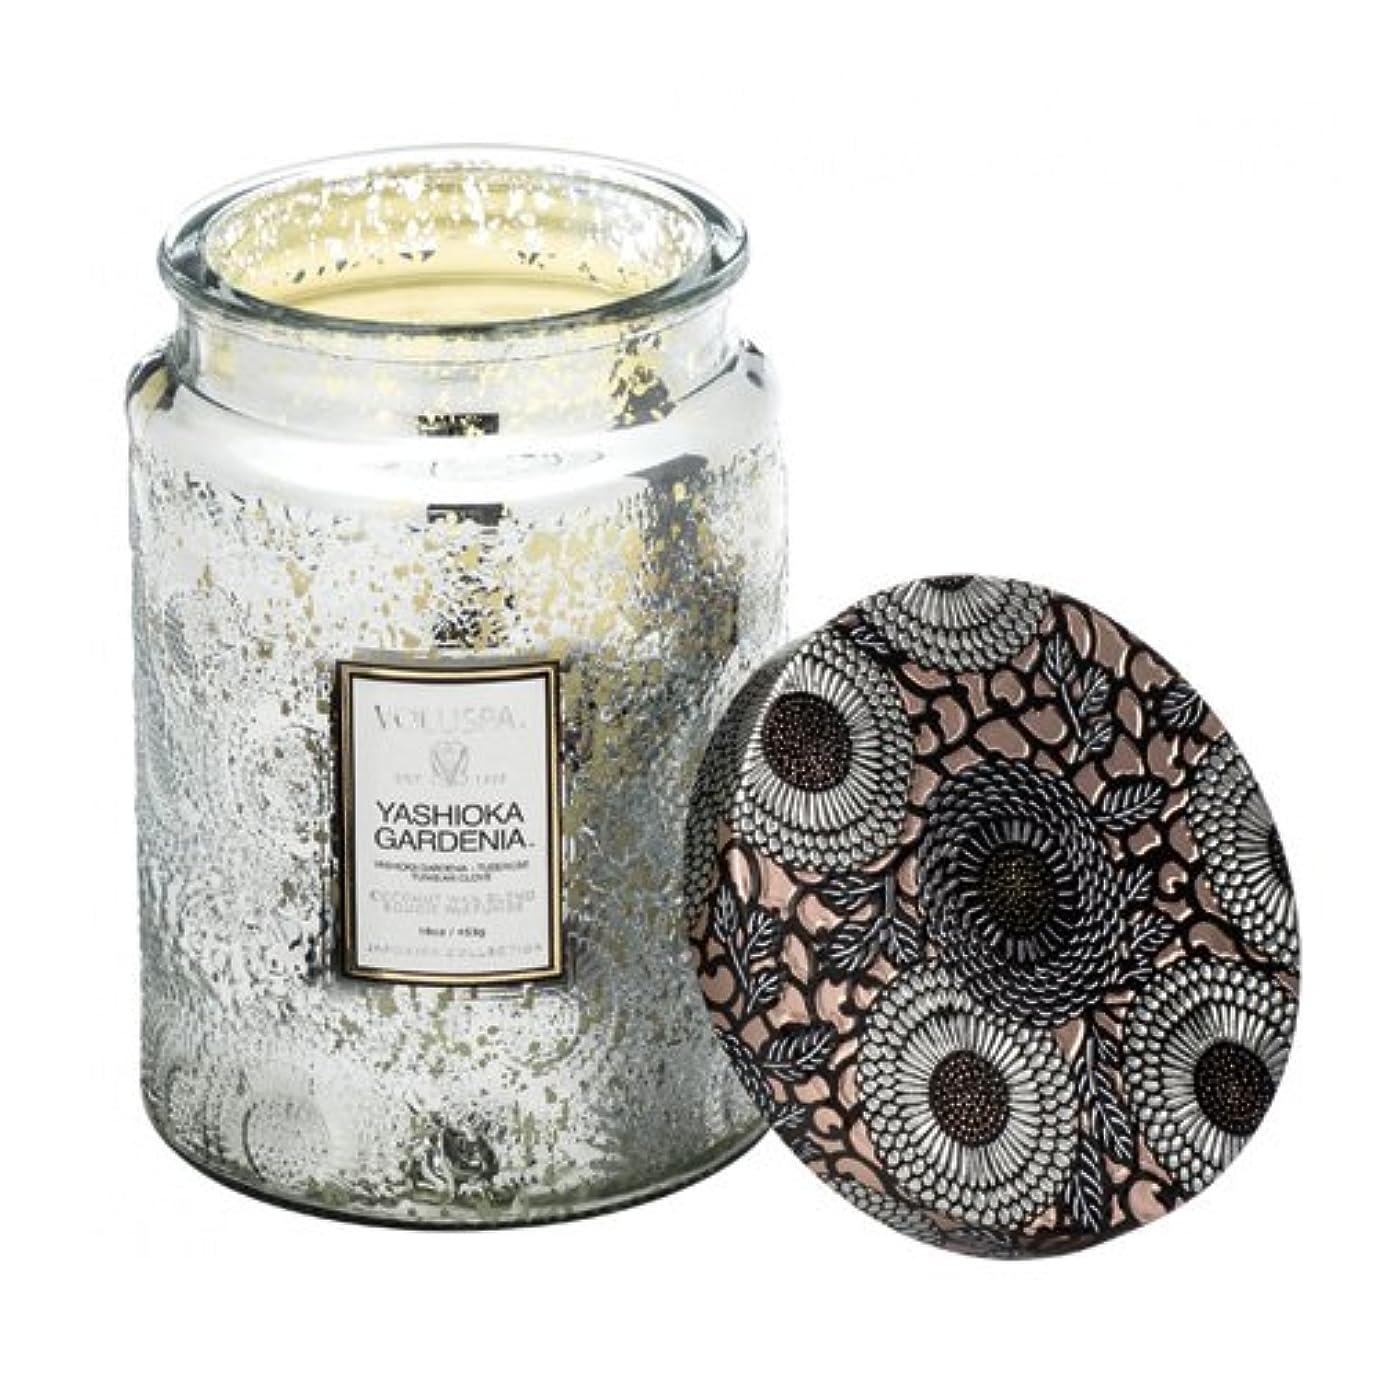 テニス動的指紋Voluspa ボルスパ ジャポニカ リミテッド グラスジャーキャンドル  L ヤシオカガーデニア YASHIOKA GARDENIA JAPONICA Limited LARGE EMBOSSED Glass jar candle